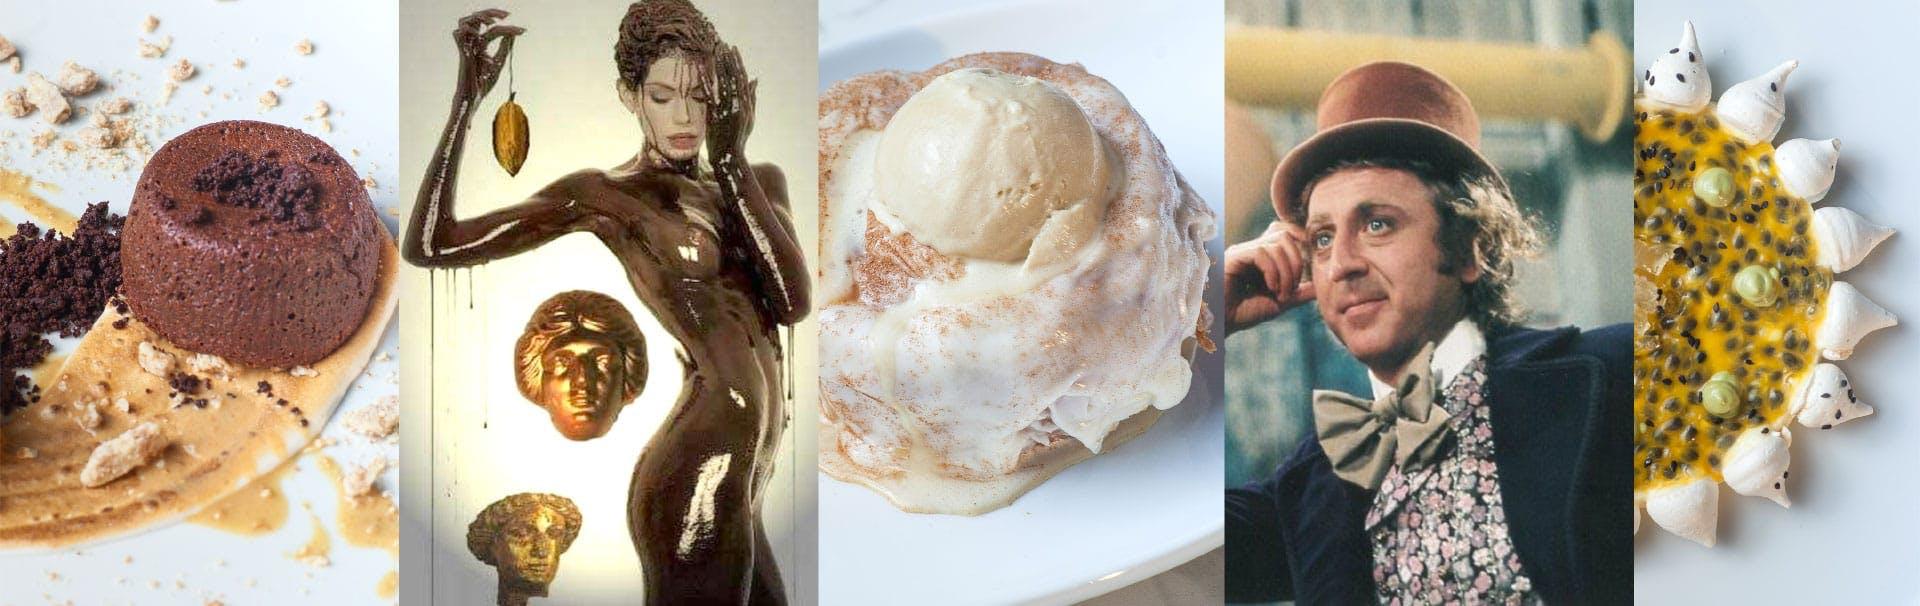 menu-desserts-header